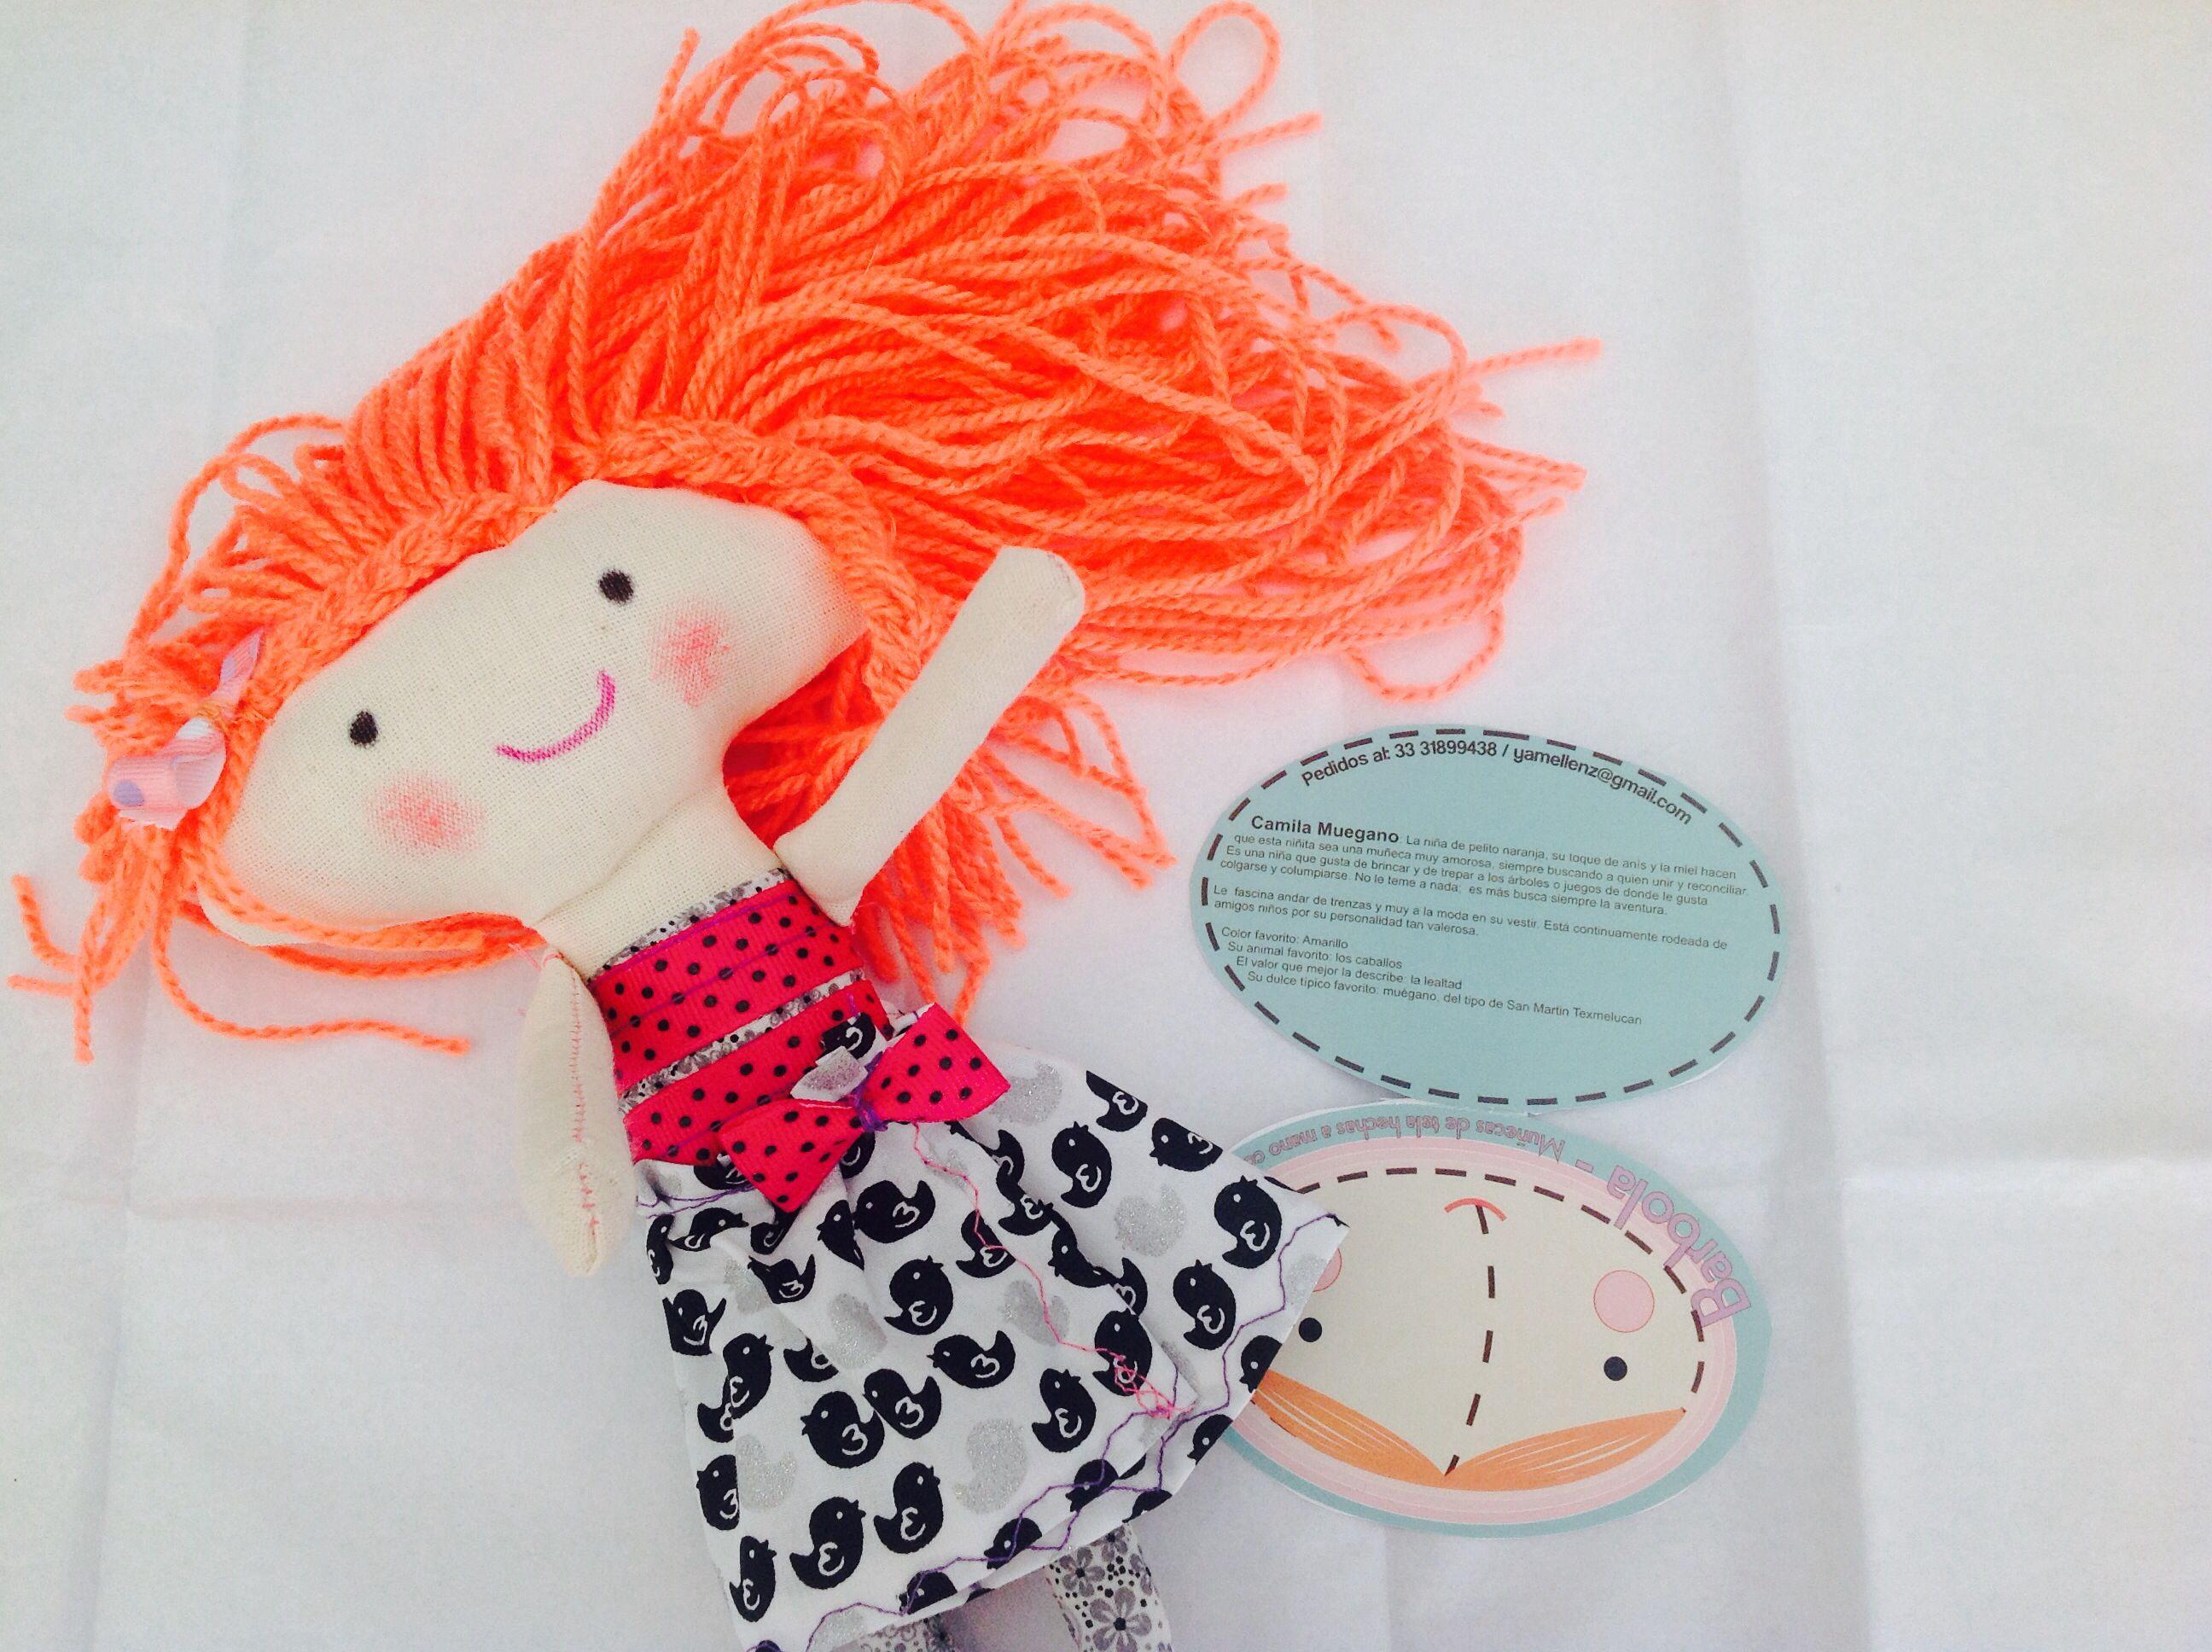 Camila Muegano orange hair rag doll, muñeca de trapo, cabello ...